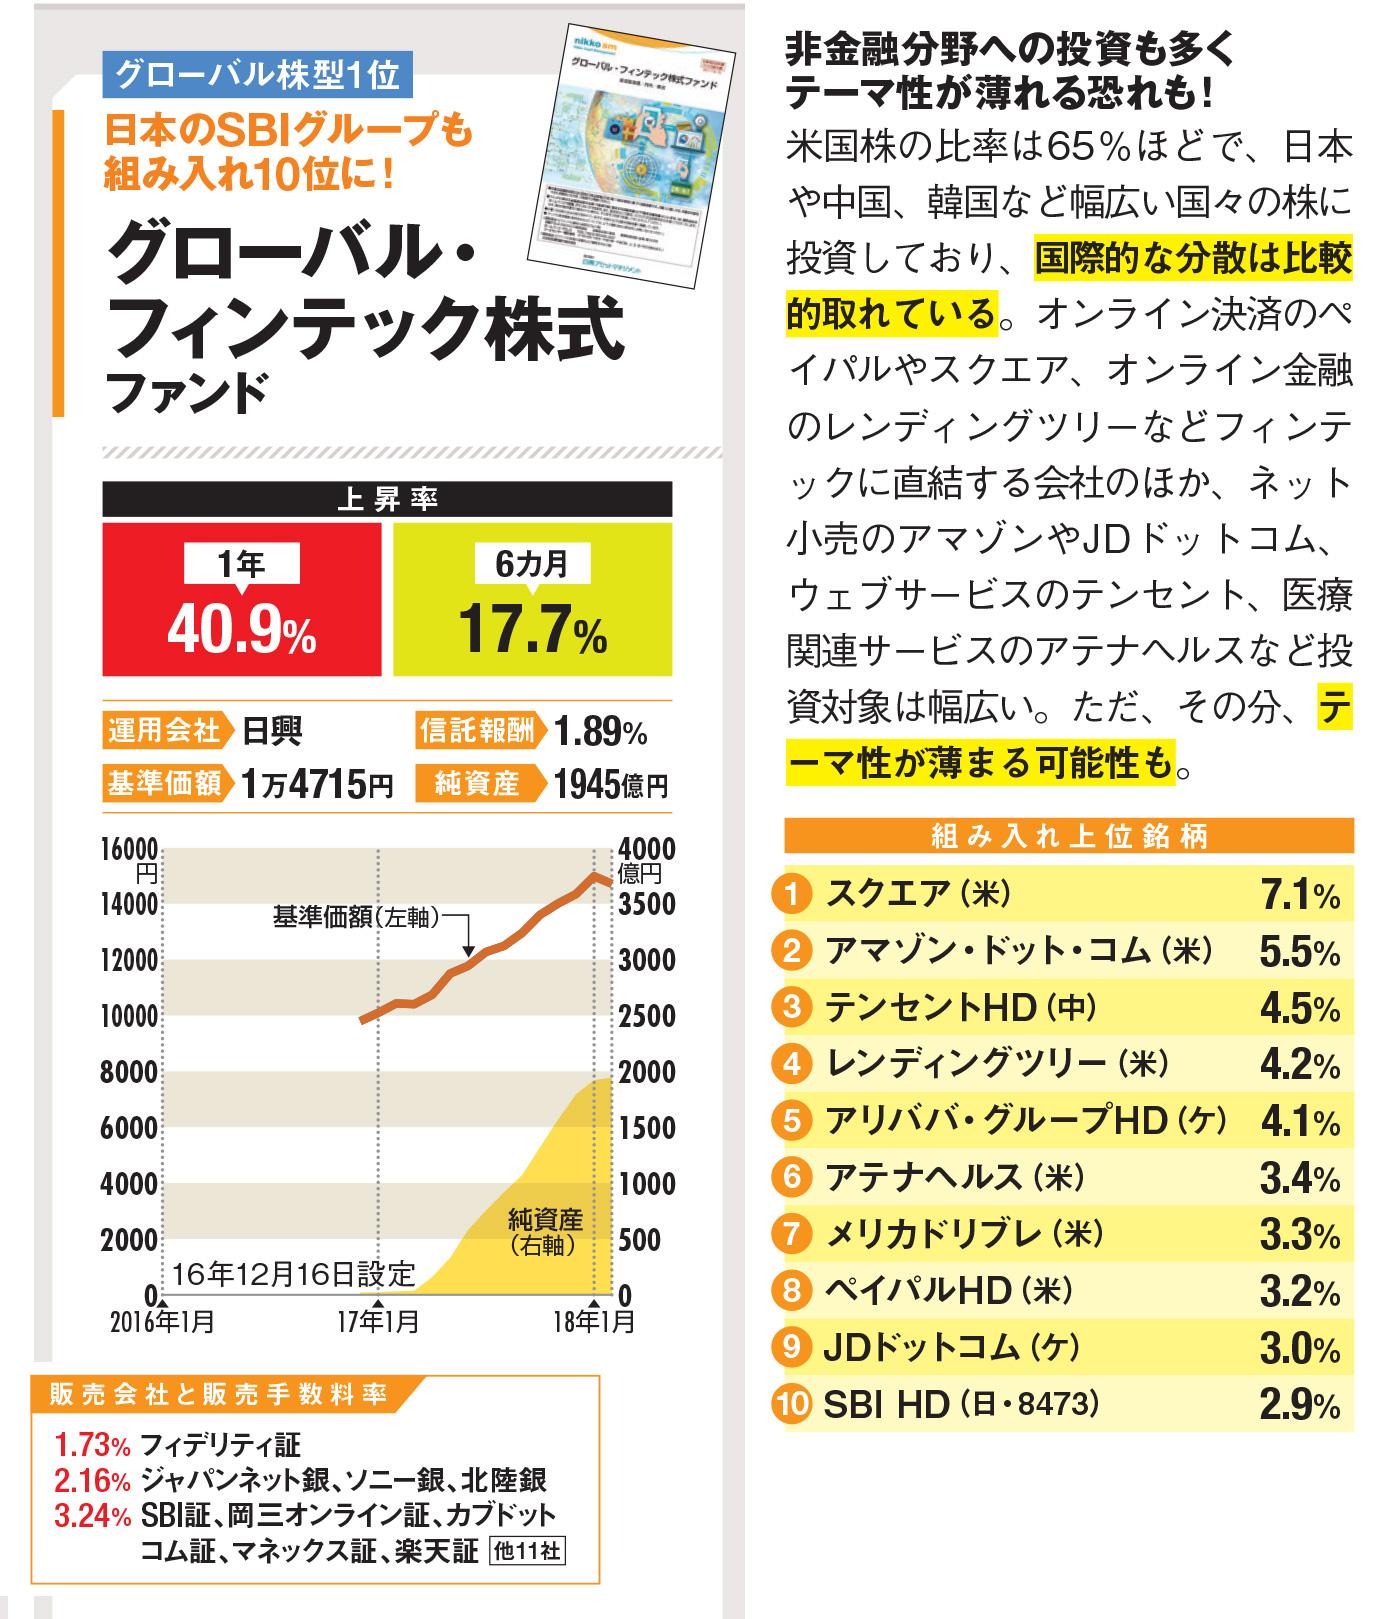 フィン テック ファンド グローバル 株式